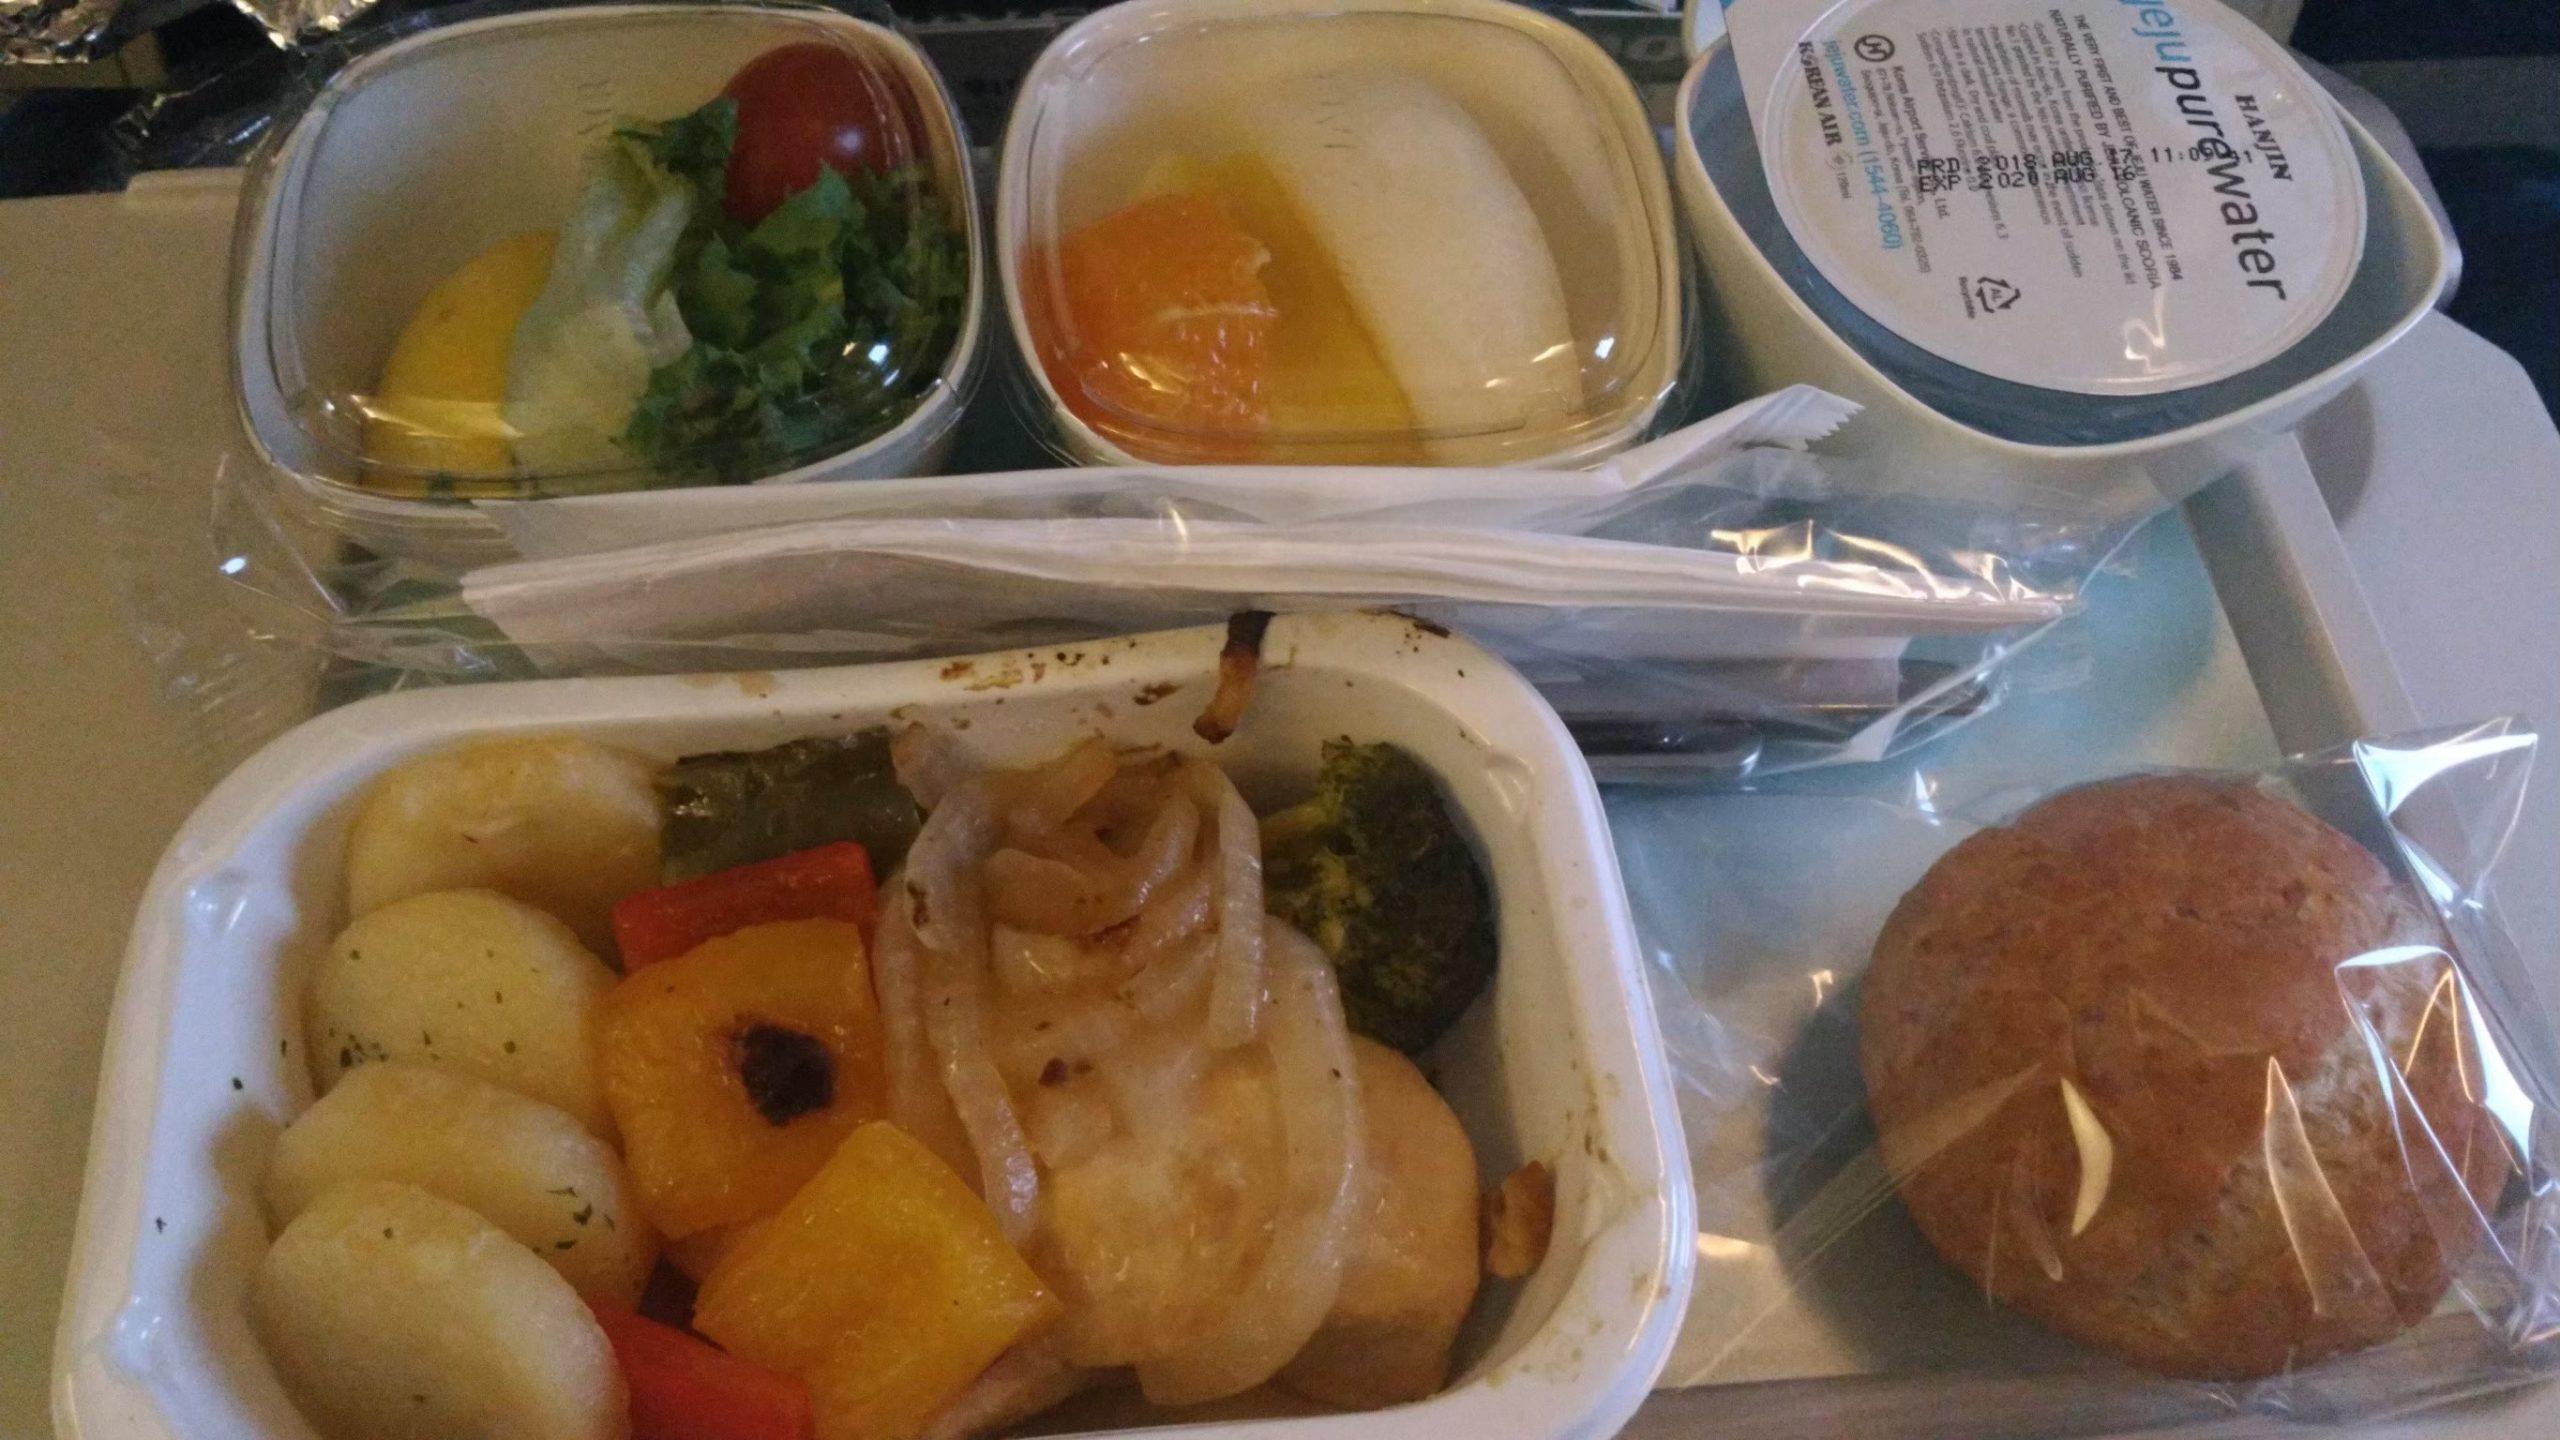 大韓航空 KoreanAir KE 機内食 特別機内食 フルーツミール ラクトオボ ベジタリアンミール 低脂肪ミール